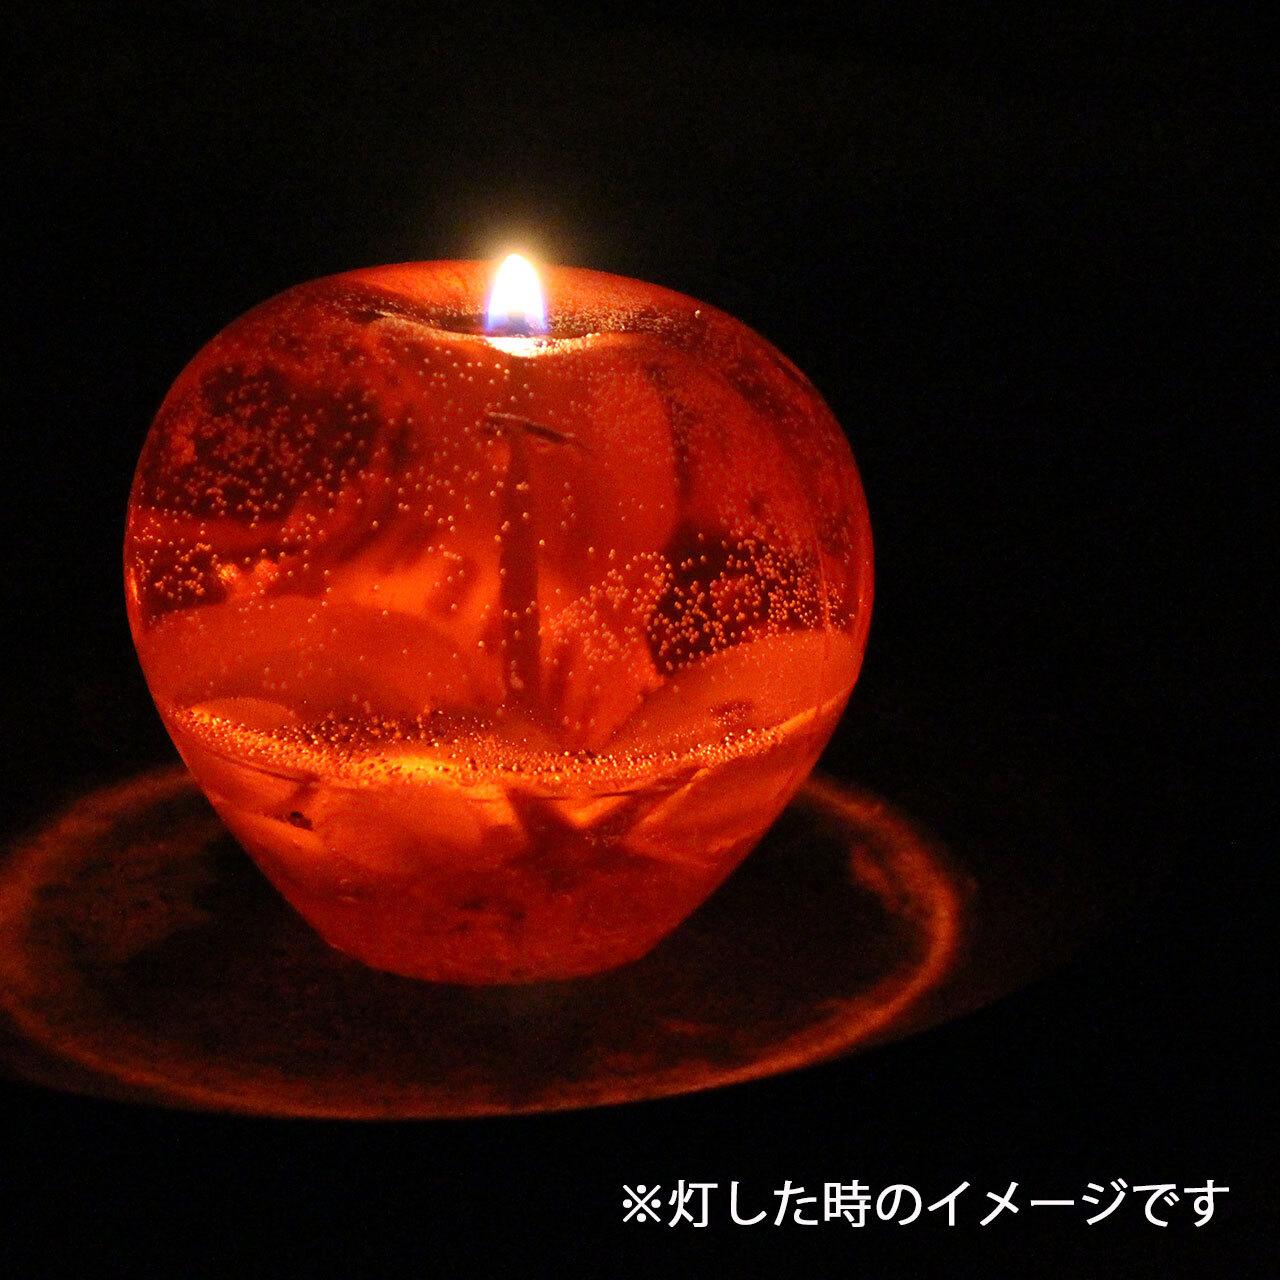 りんごのマリンジェルキャンドル RJ001